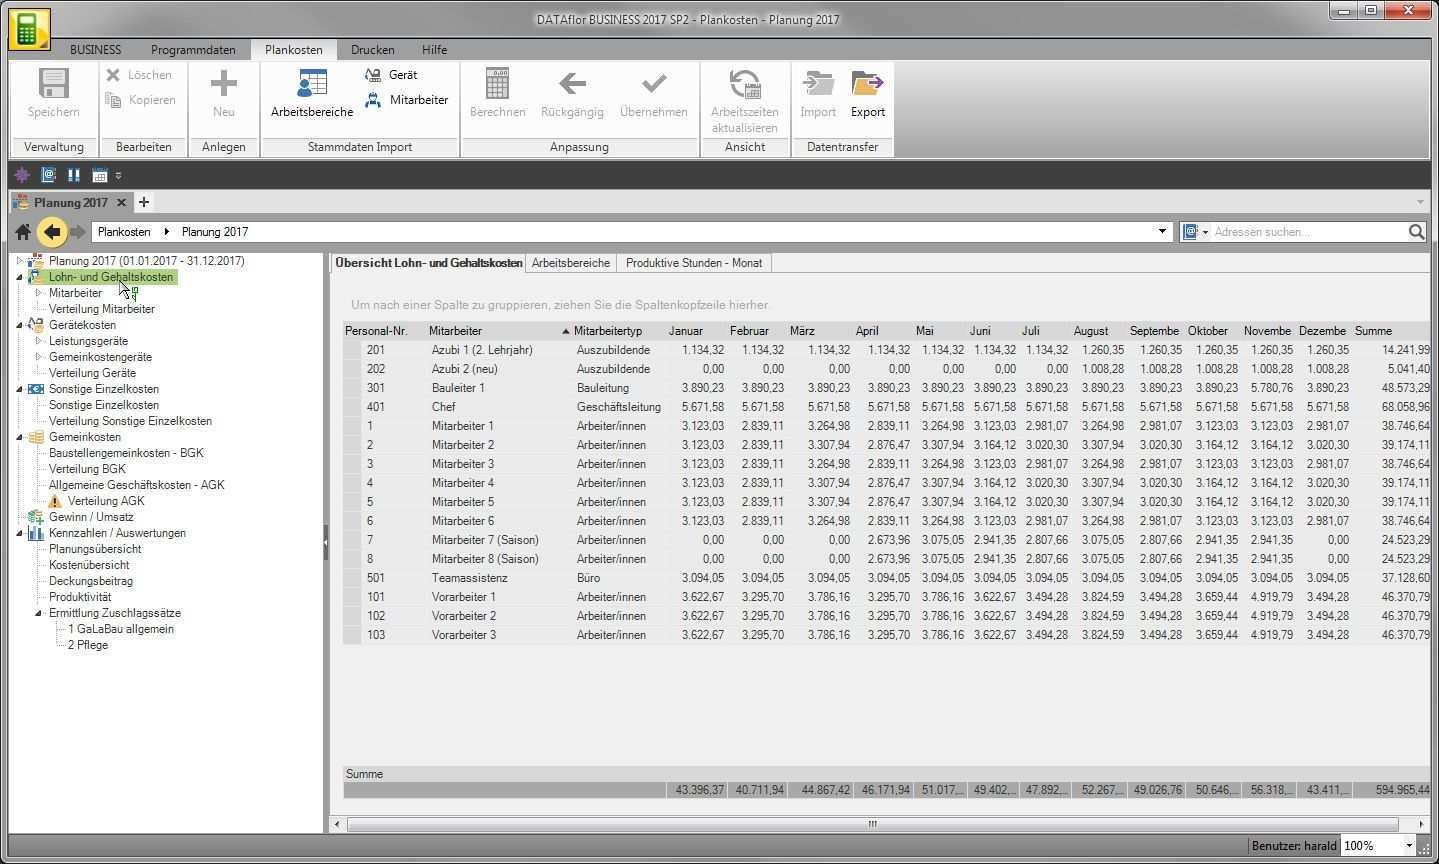 Stundenlohn Garten Und Landschaftsbau 2017 Fur Dein Nachstes Umgestalten Von Lohn Und Gehaltskosten Dataflor Bezuglich Stundenlohn Ga Periodic Table Trending